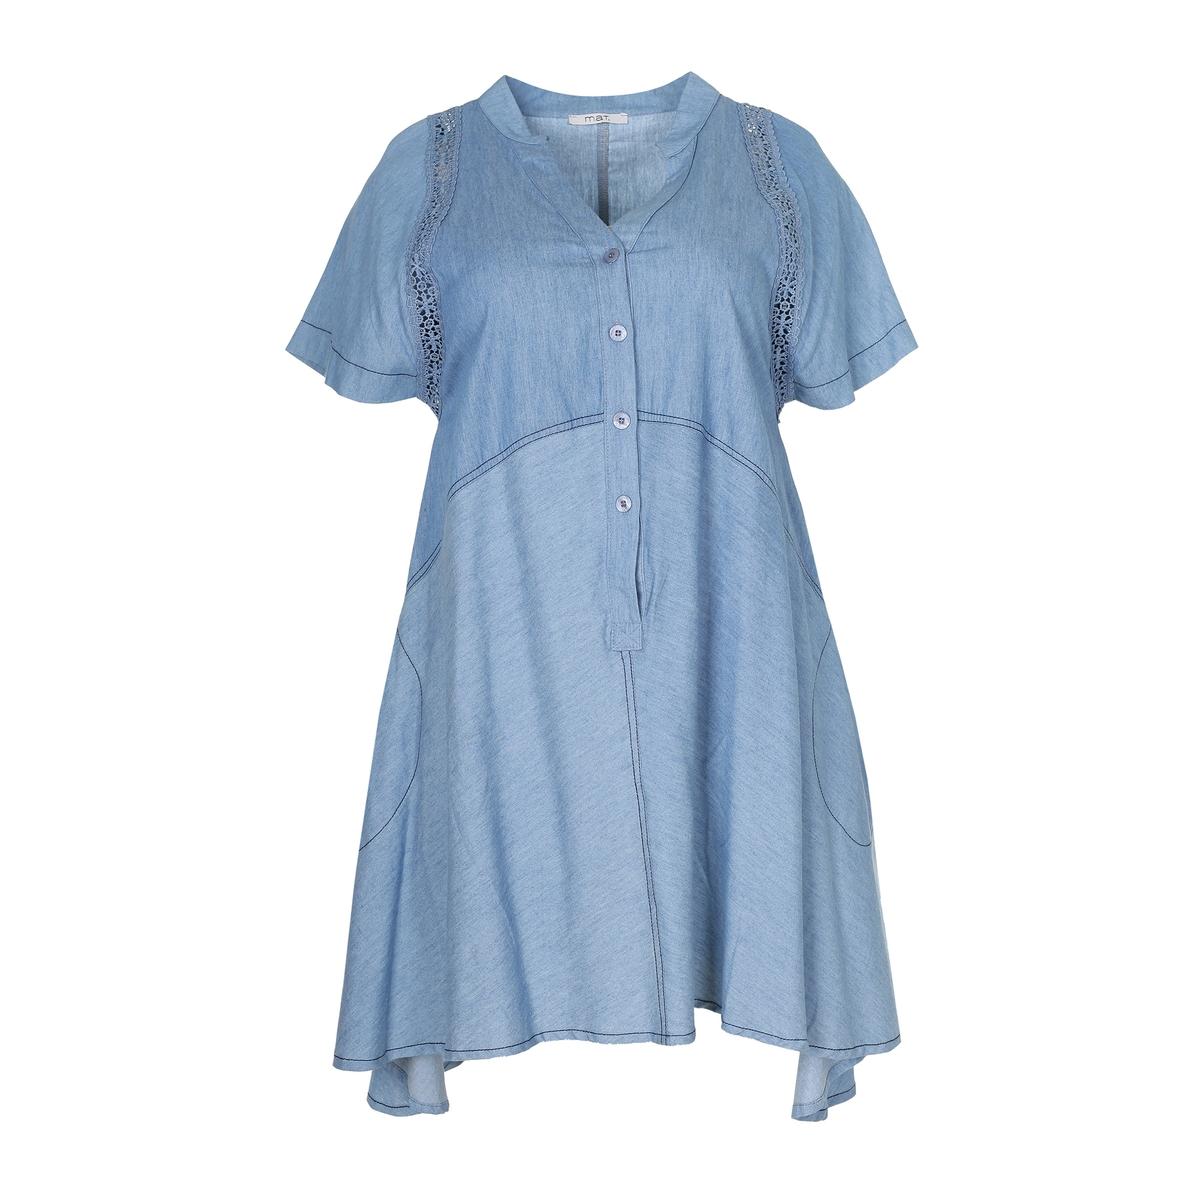 ПлатьеПлатье-рубашка MAT FASHION. Расклешенный покрой, из денима в стиле пэчворк. Короткие рукава. V-образный вырез с застежкой на пуговицы. Вязанные вставки на рукавах. 100% хлопок<br><br>Цвет: синий джинсовый<br>Размер: 52/54 (FR) - 58/60 (RUS)